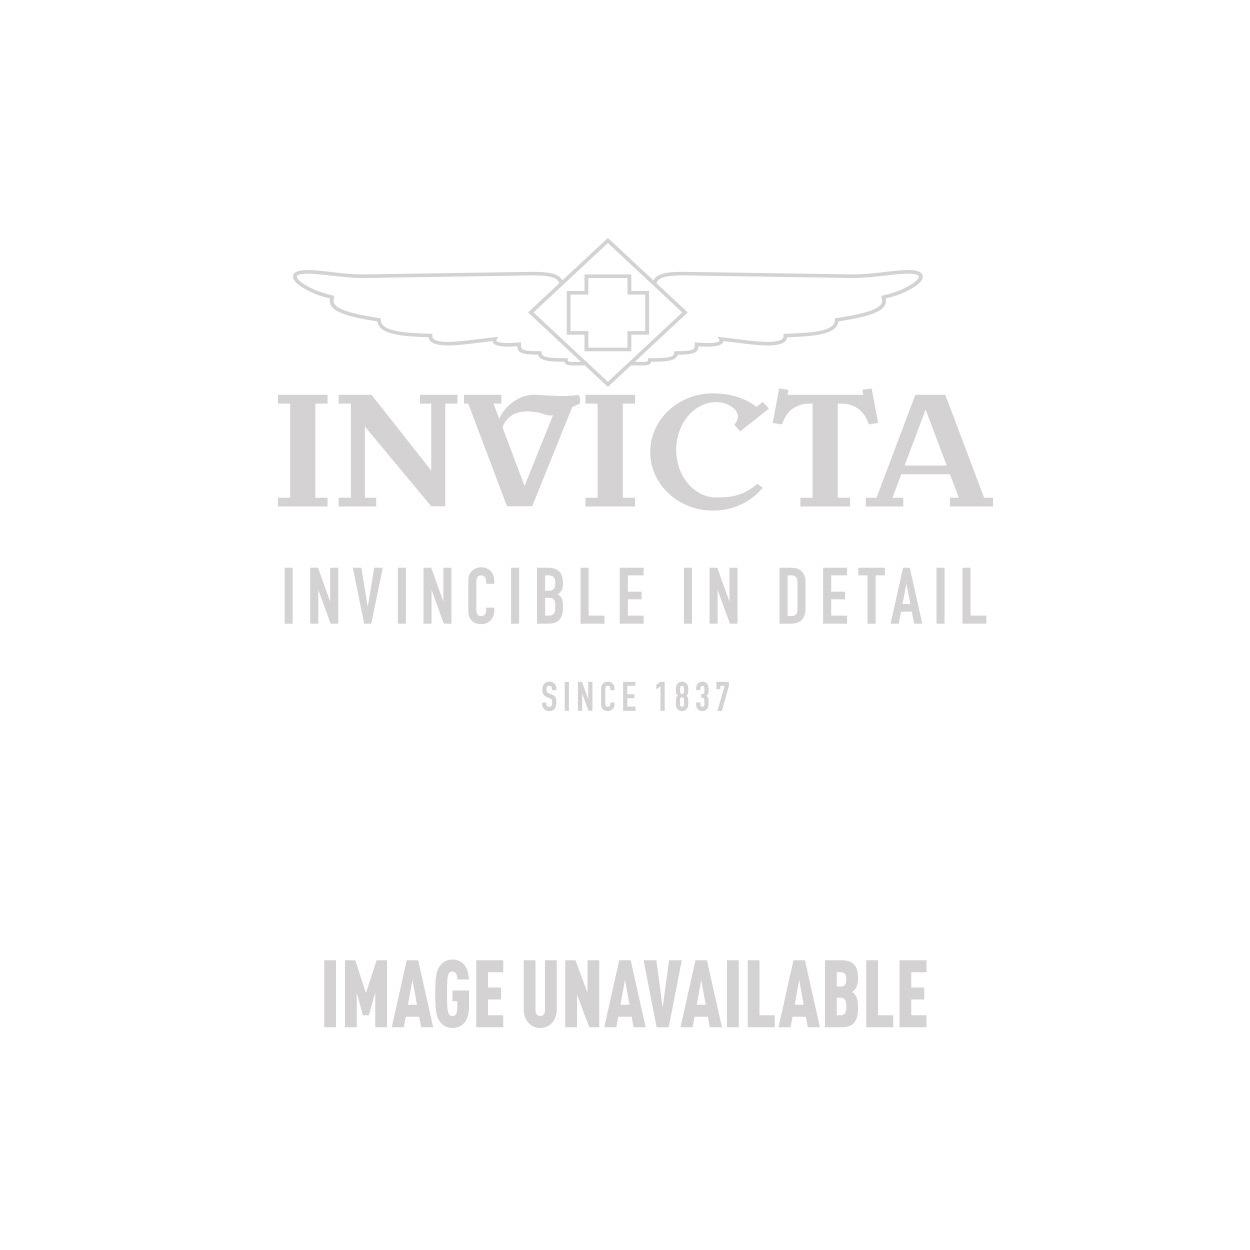 Invicta Model 26430